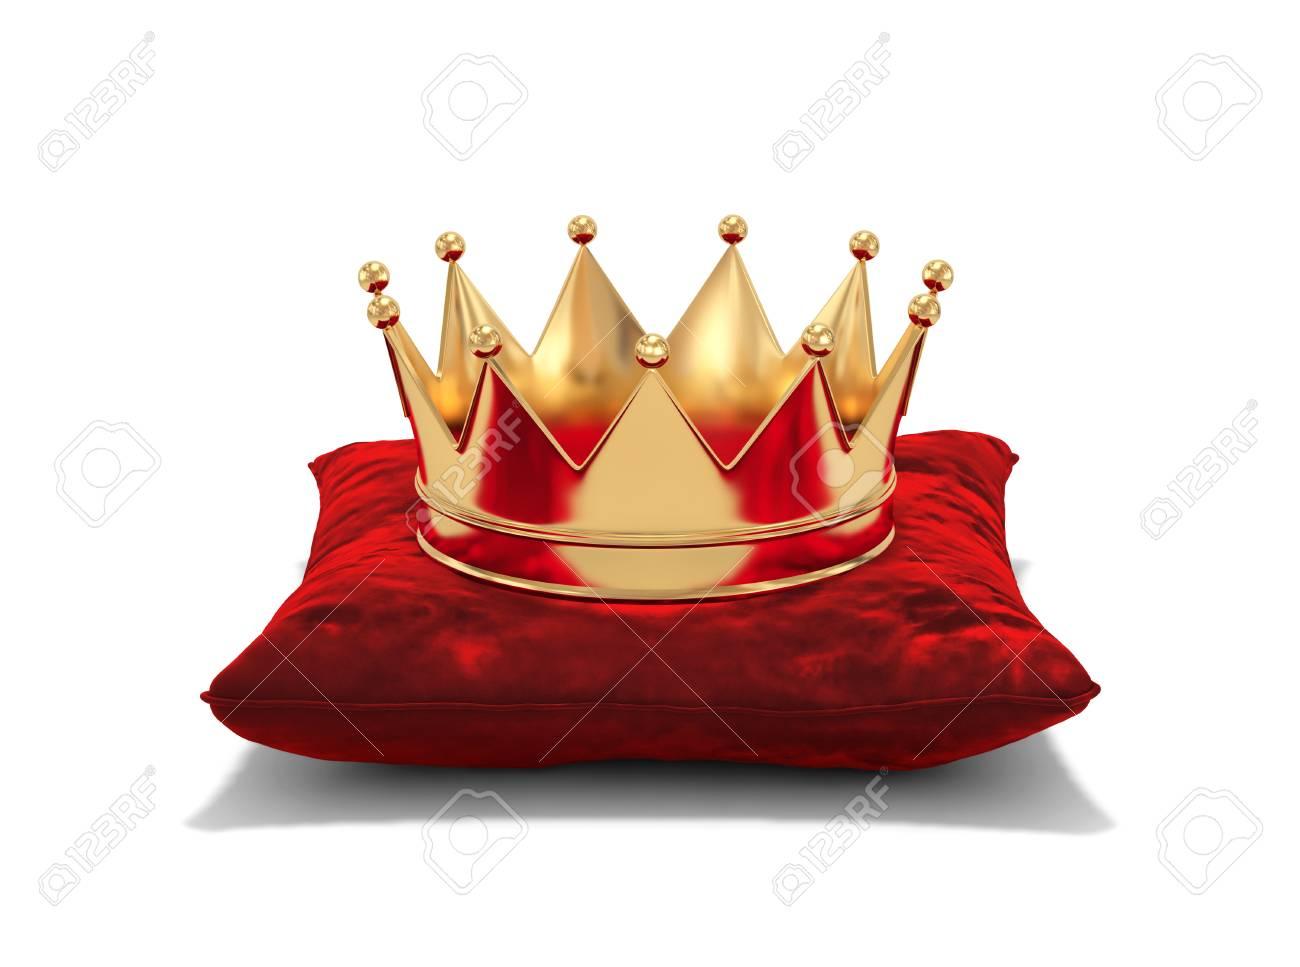 Gold crown on red velvet pillow isolated on white. 3D rendering - 89100402